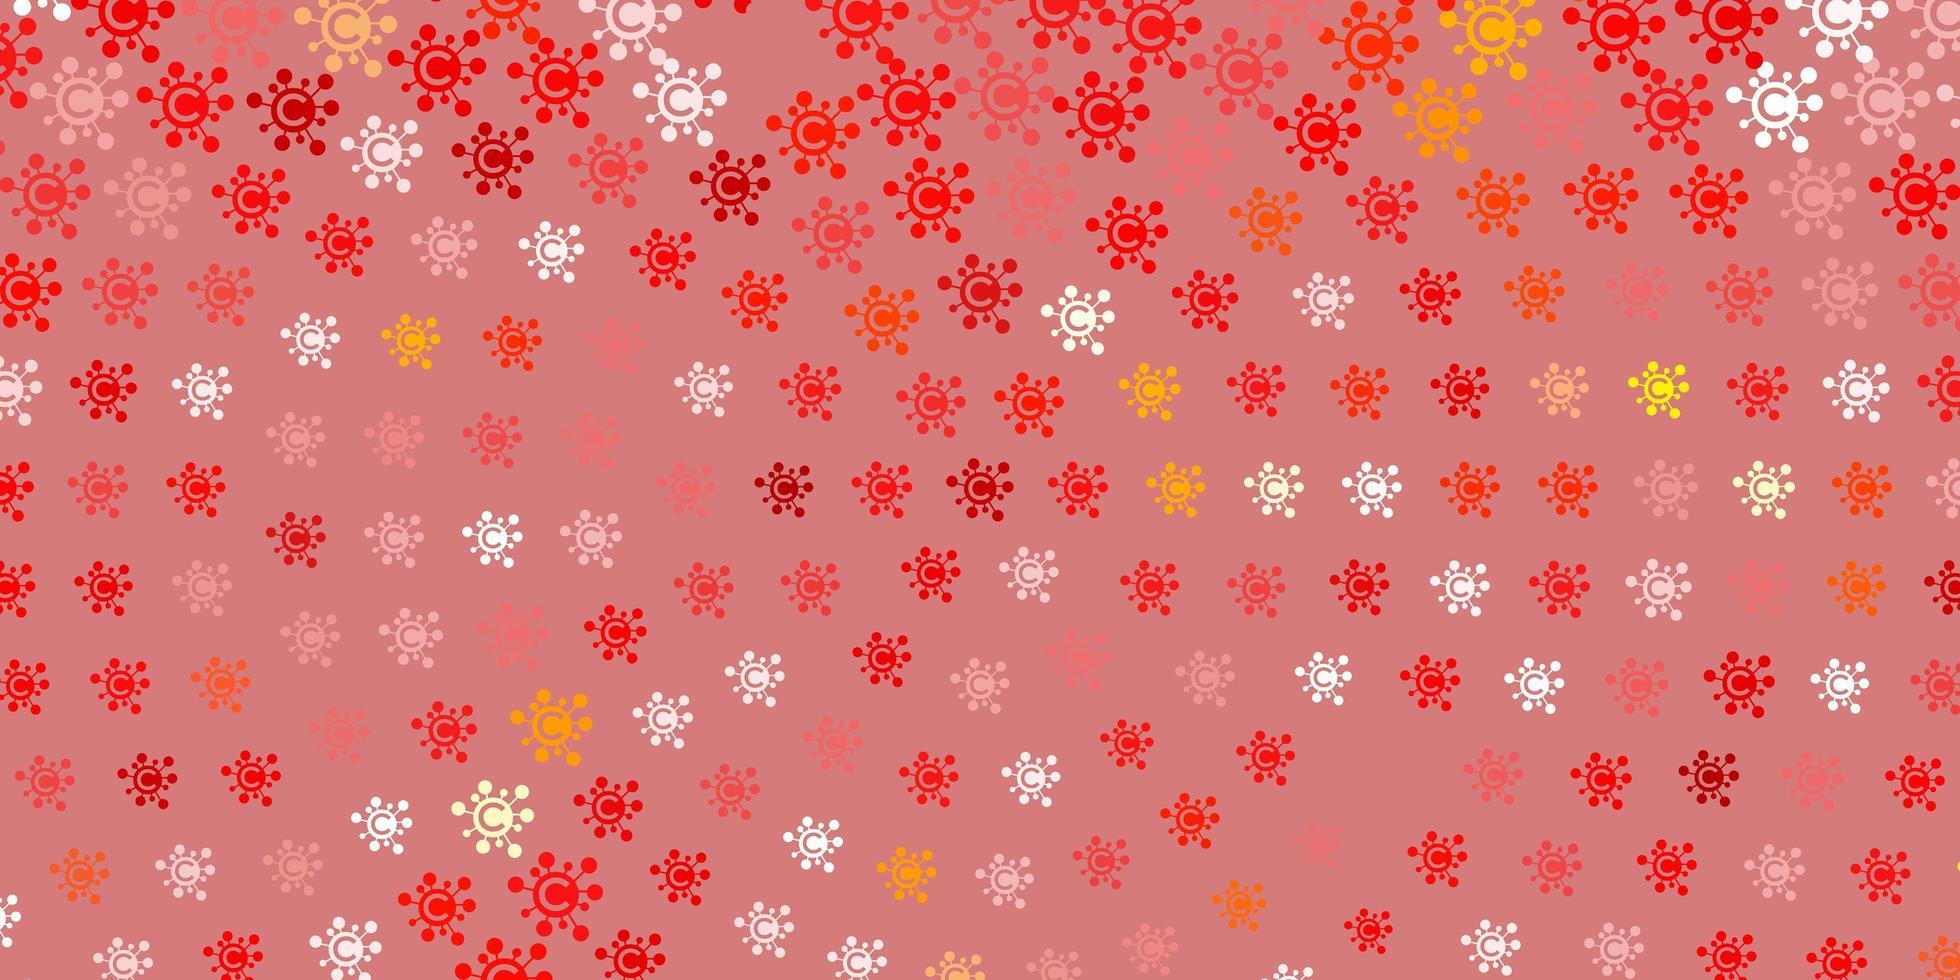 fundo vector vermelho claro e amarelo com símbolos covid-19